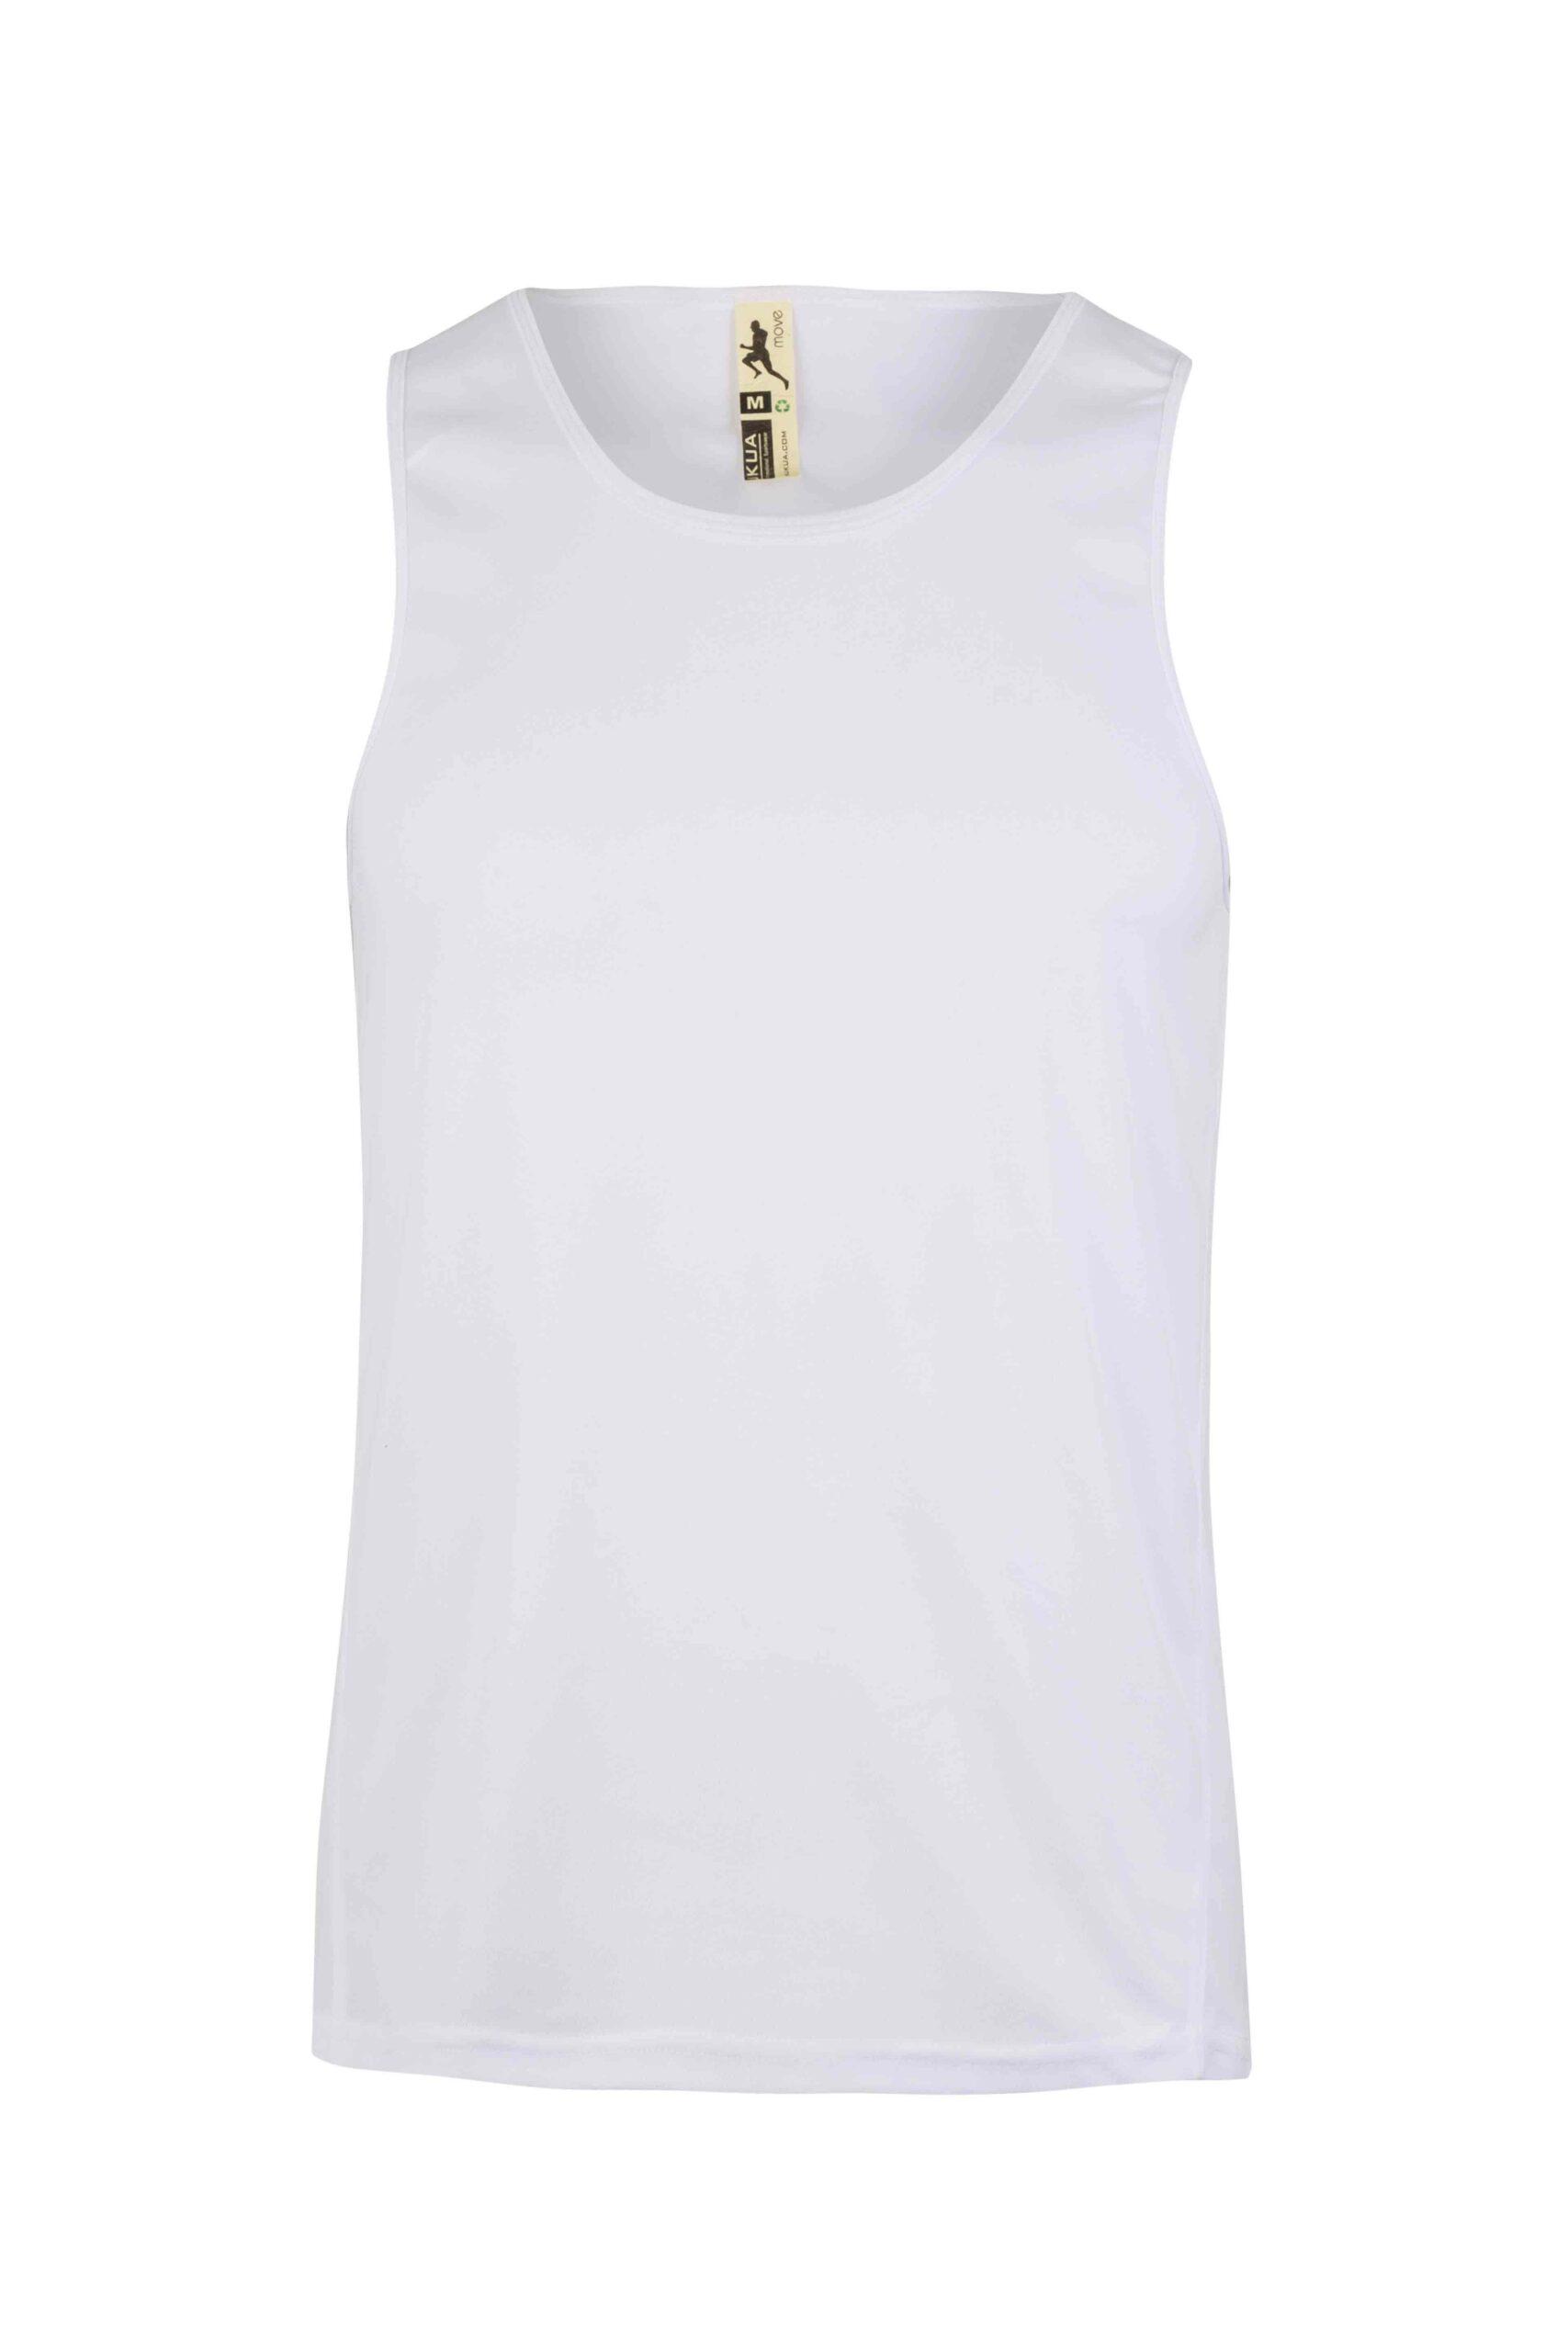 Mukua Mk525v Camiseta TÉcnica Tirantes White